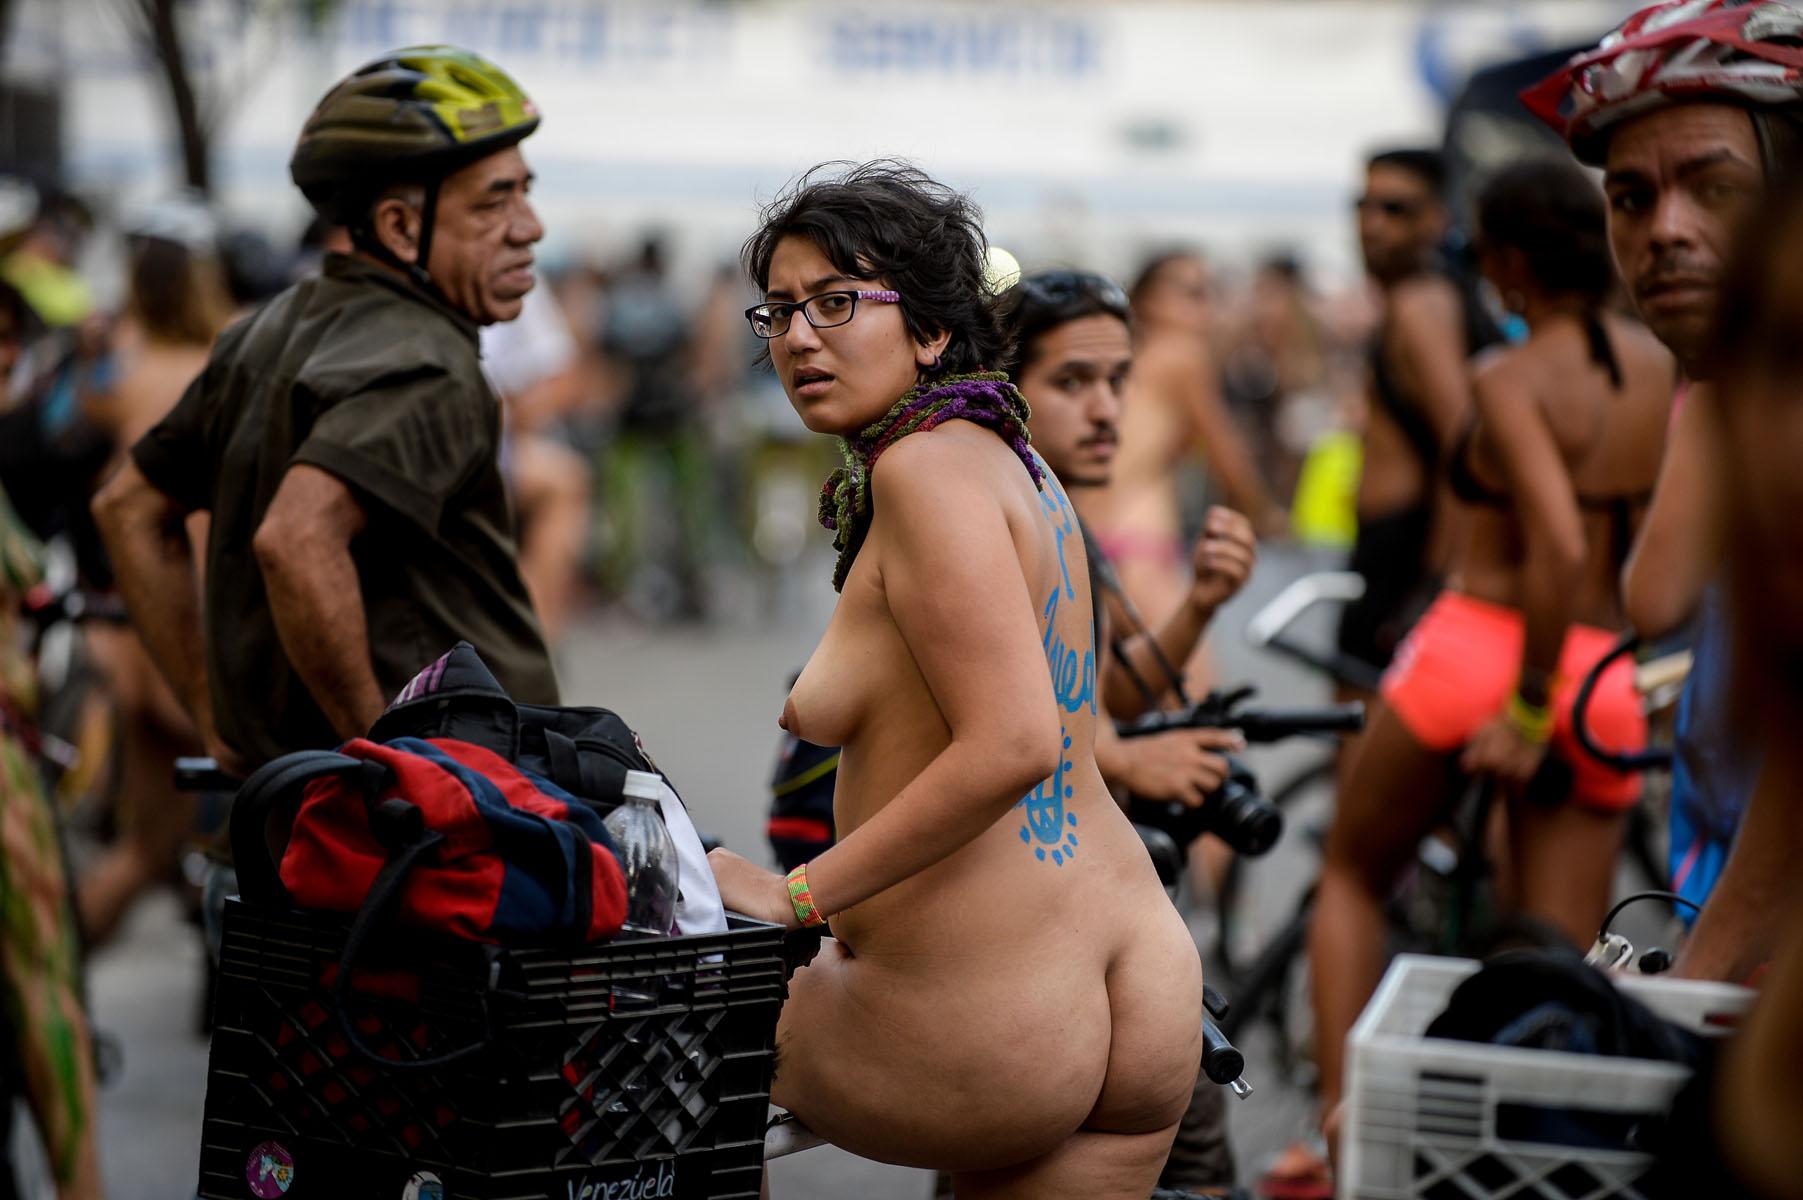 Resultado de imagen para NUDISTA PROTESTA EN CARACAS